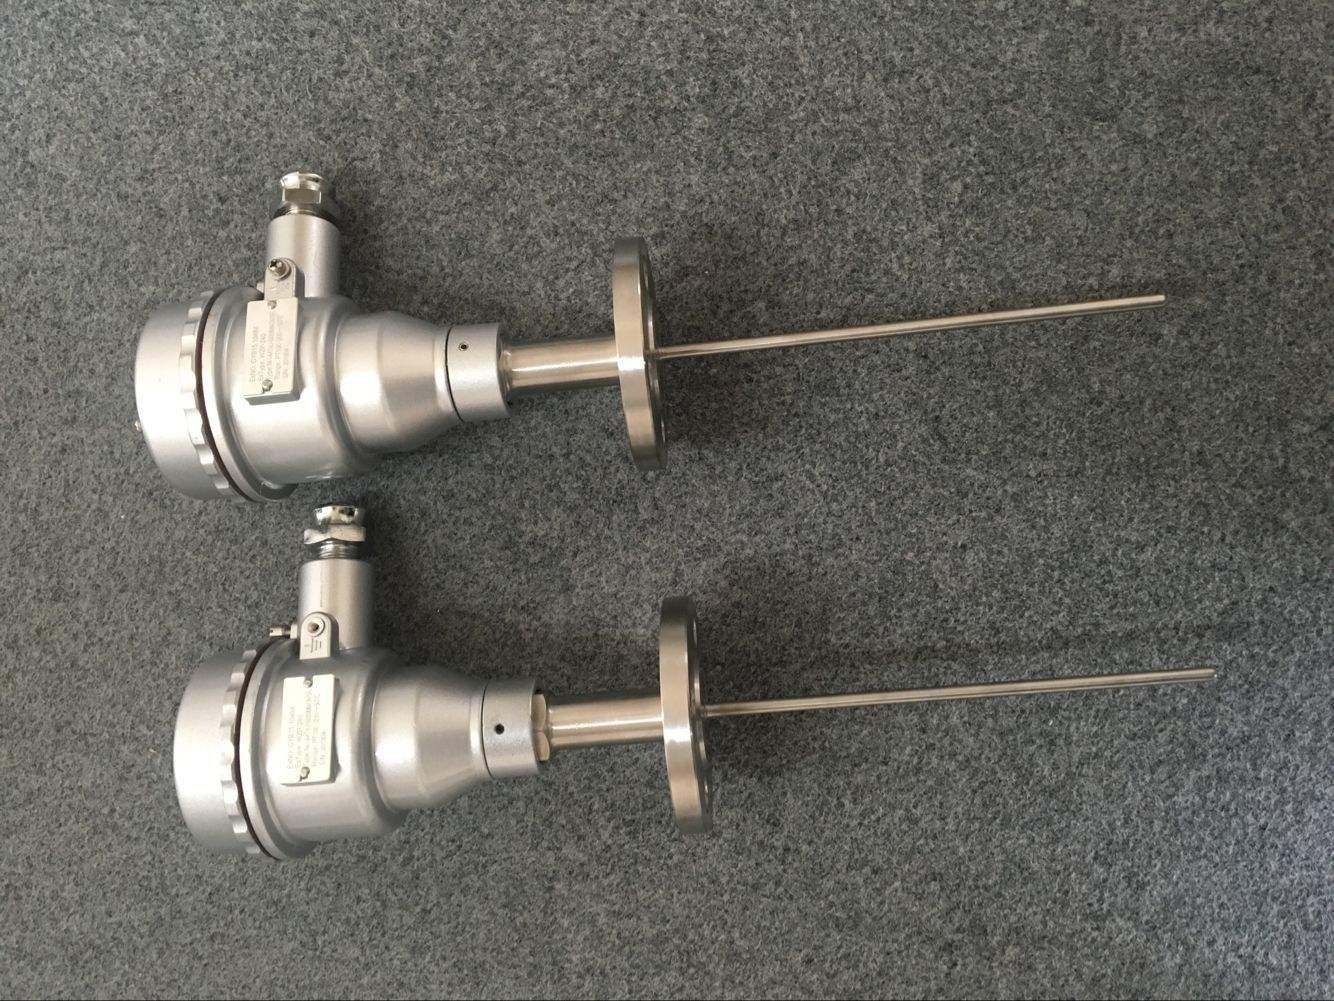 专业温度仪表WRNK-1313多对式铠装热电偶